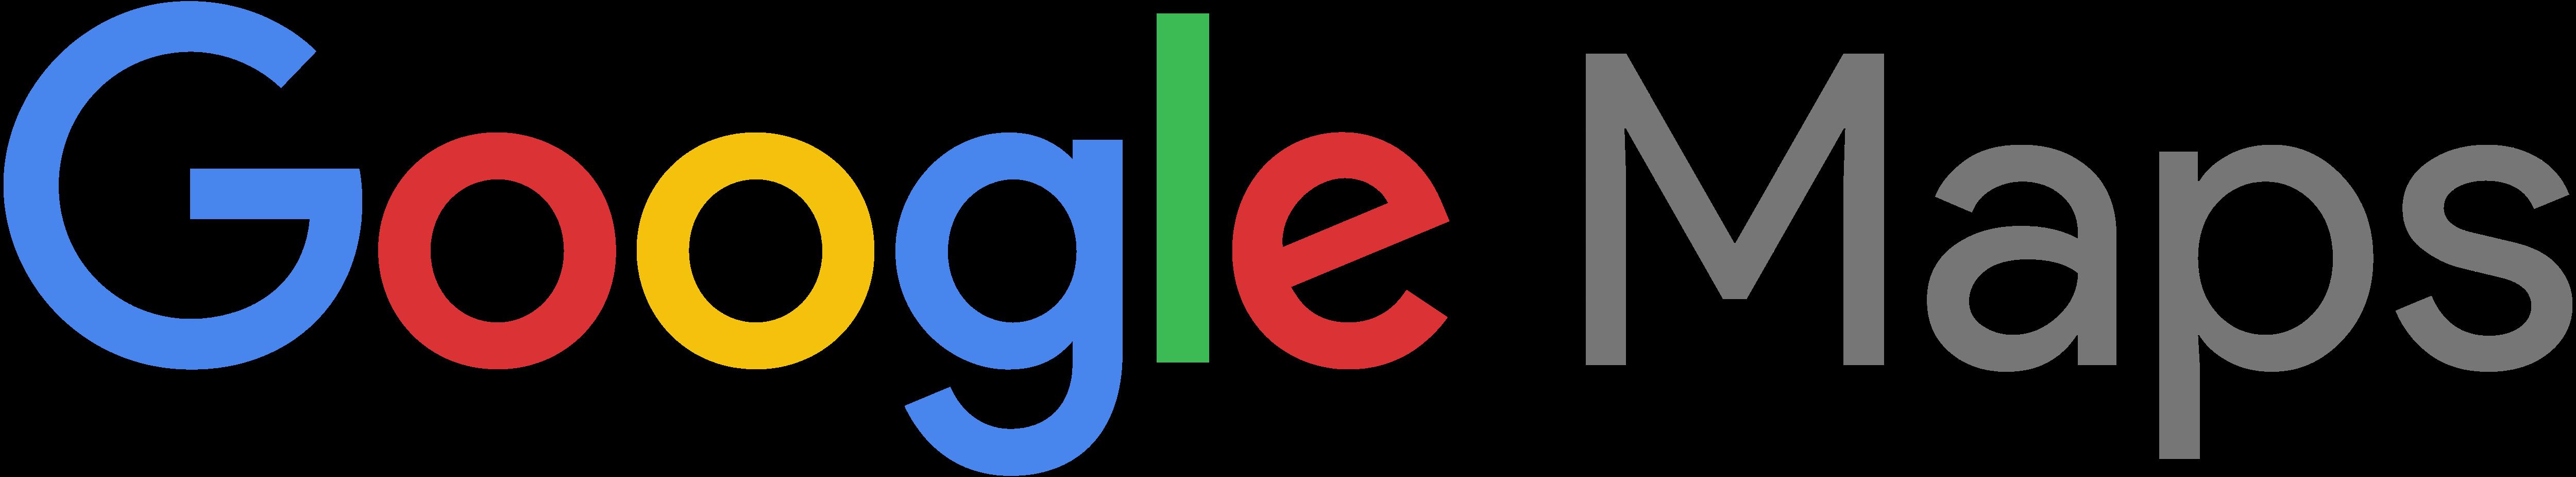 Google Maps – Logos Download - Printable Google Logo